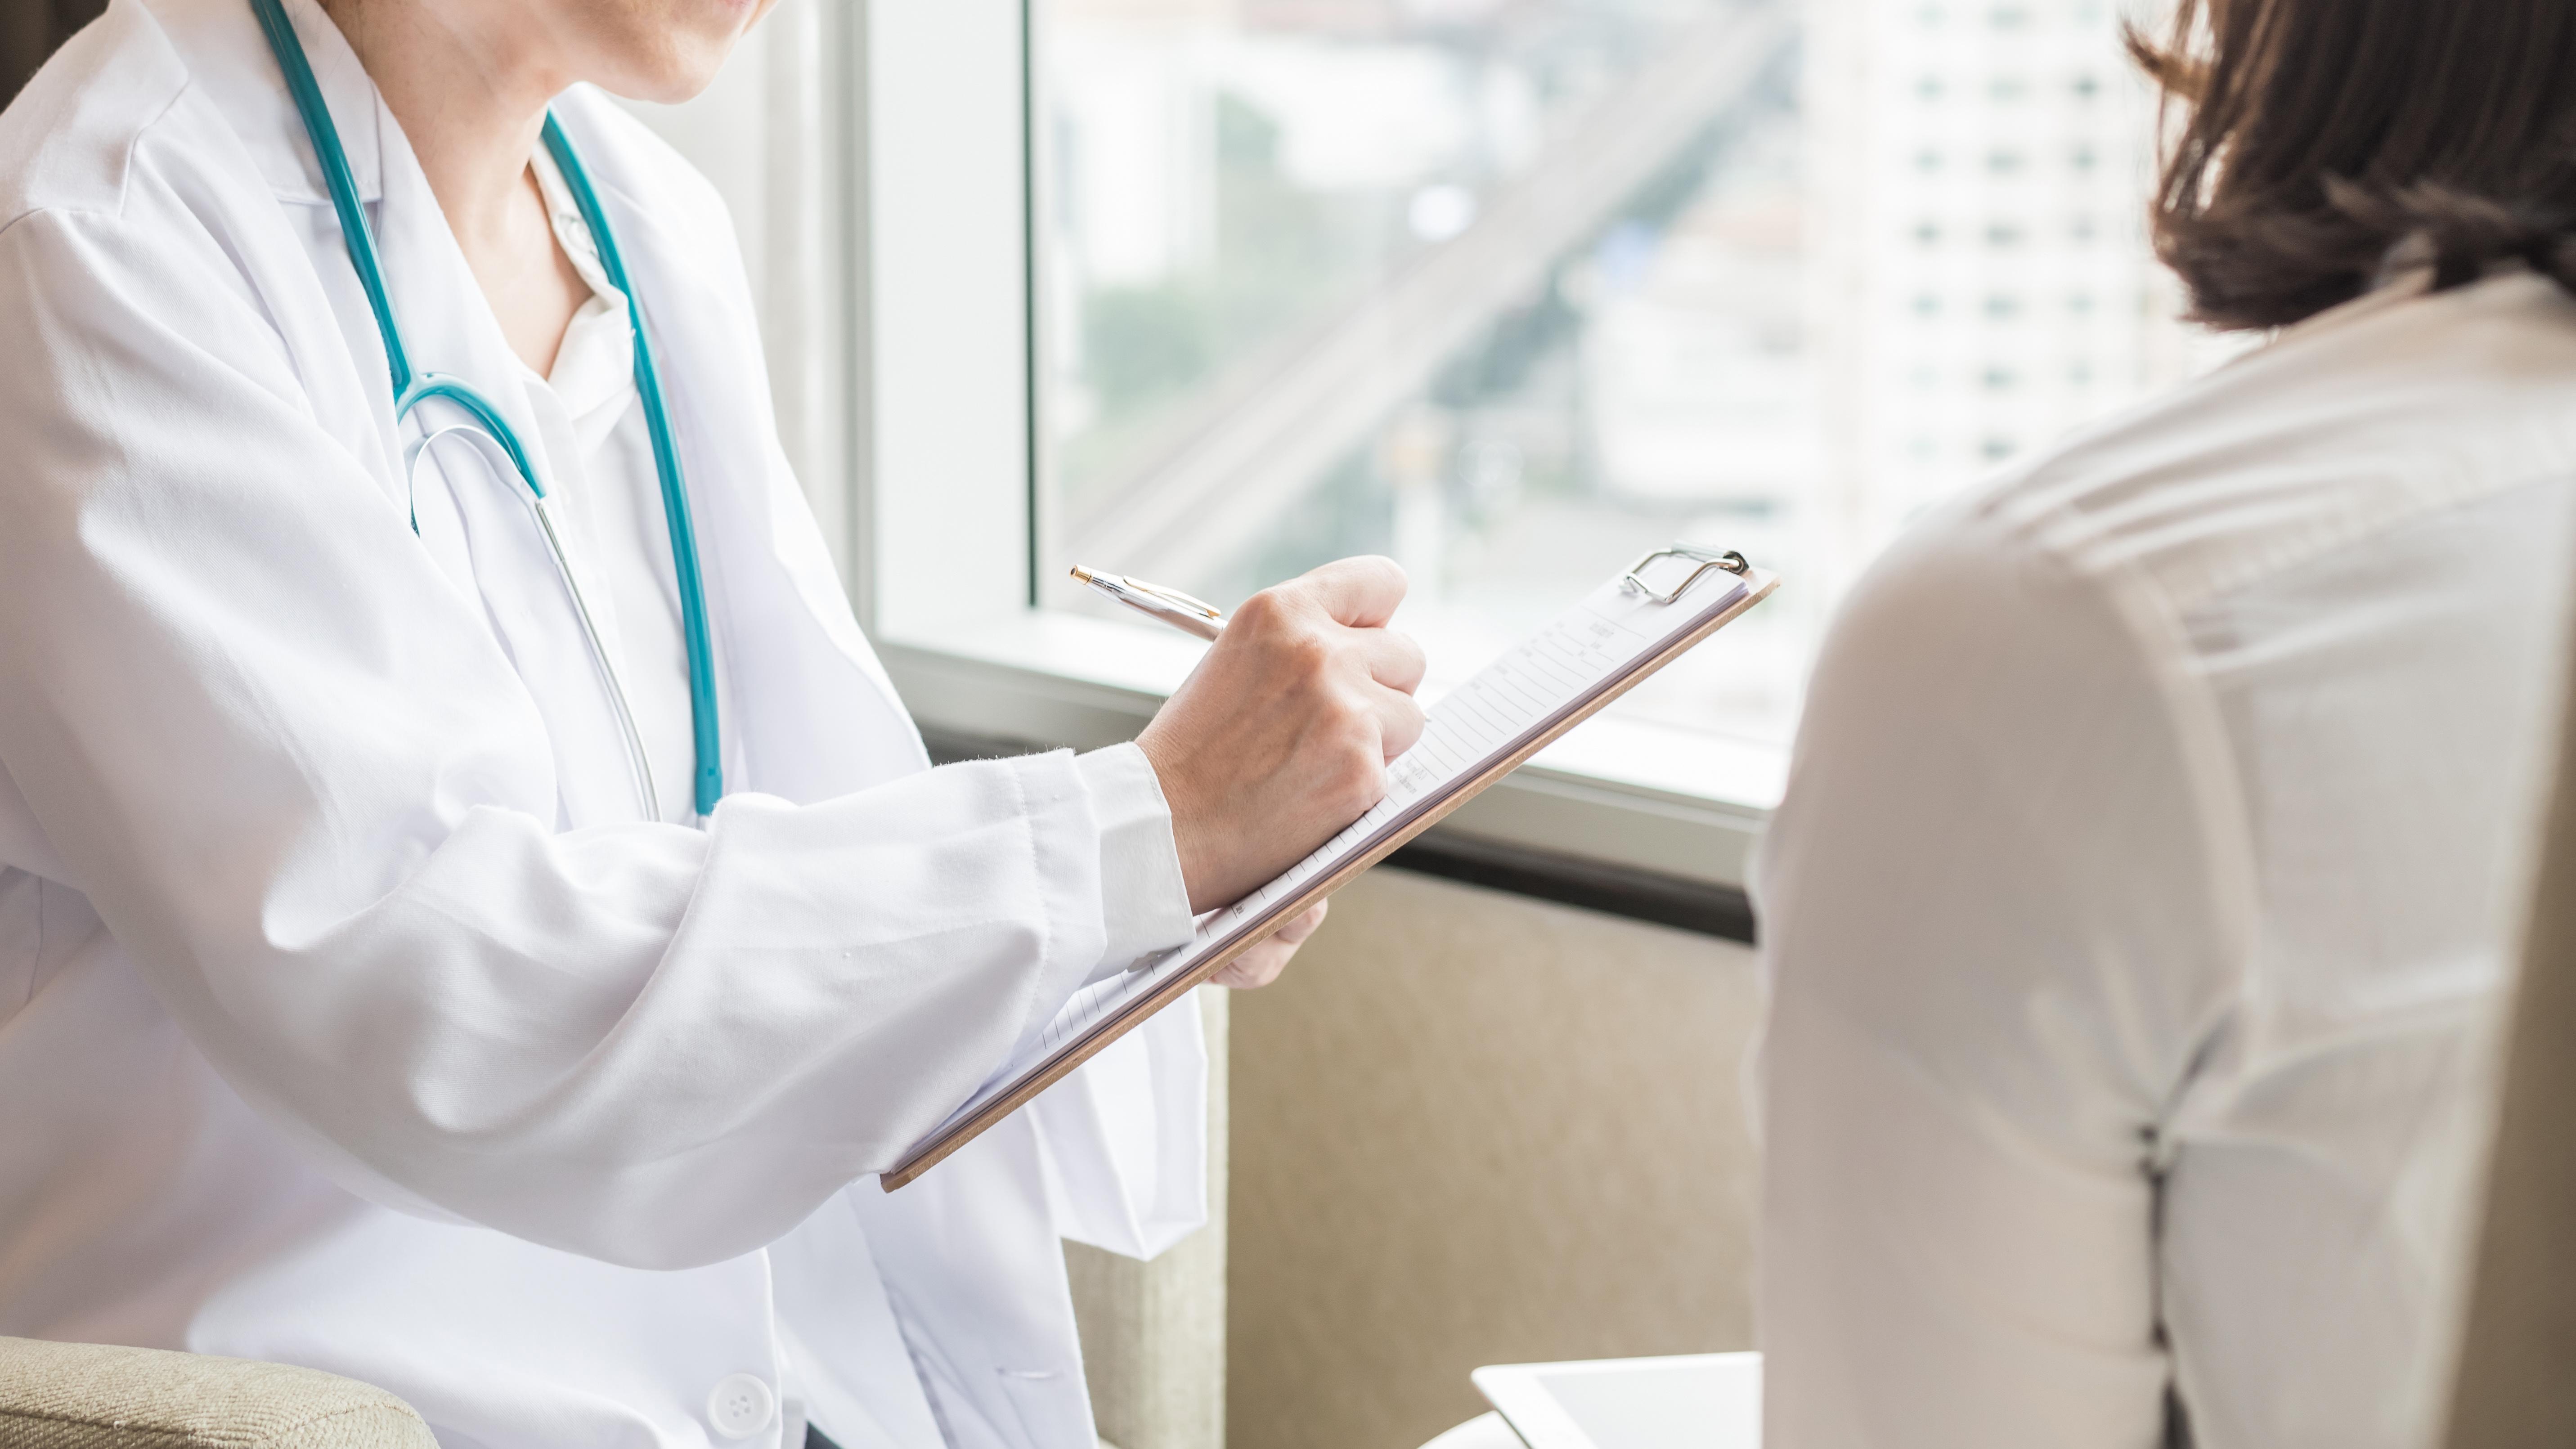 Le microbiome vaginal est un marqueur clé de la santé sexuelle pendant la ménopause